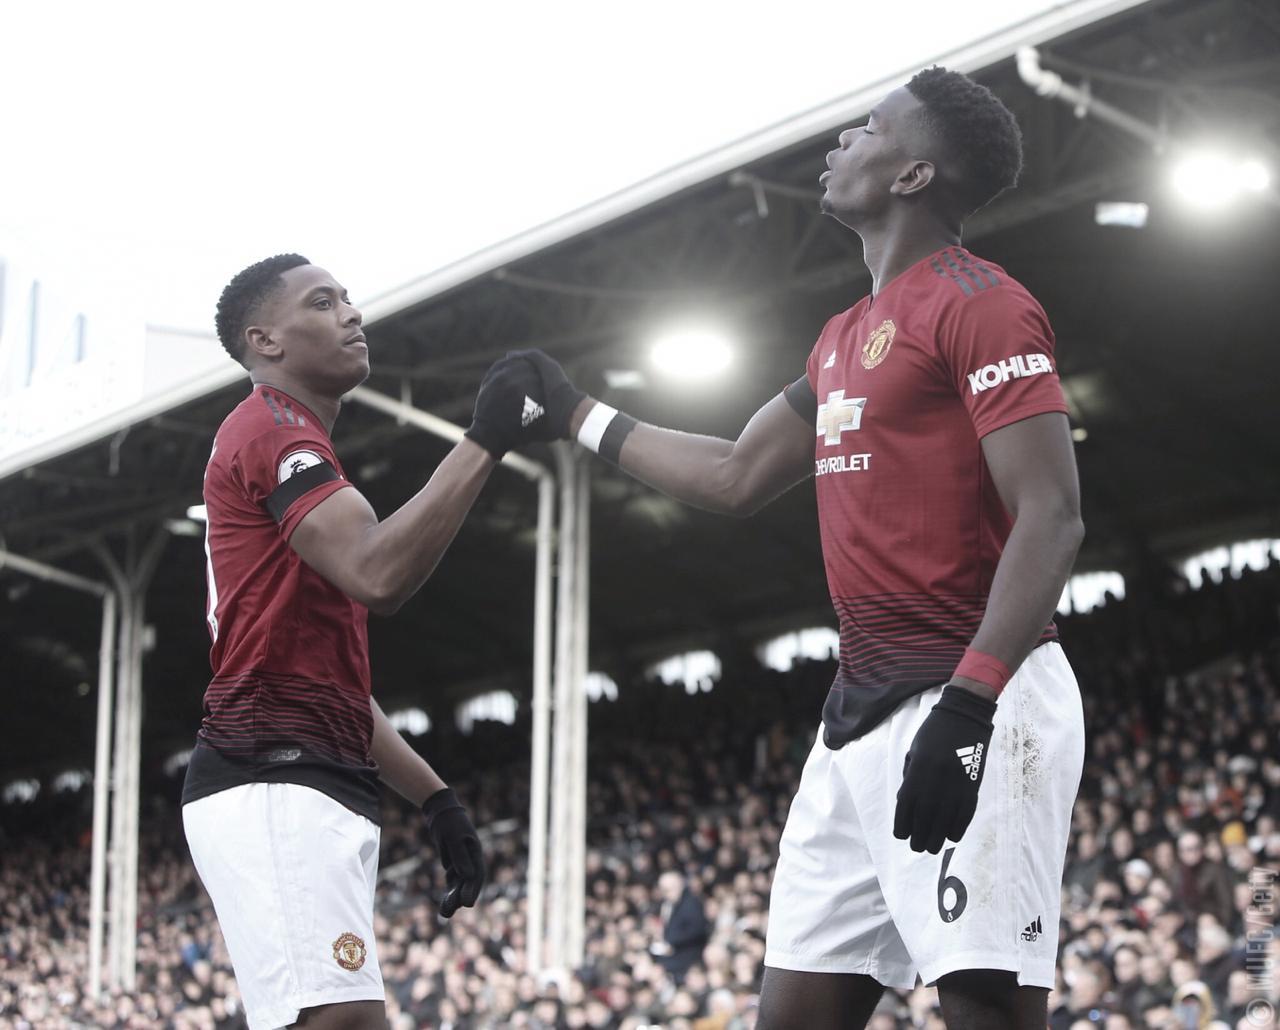 United derrota Fulham e entra no G-4 da Premier League de forma provisória